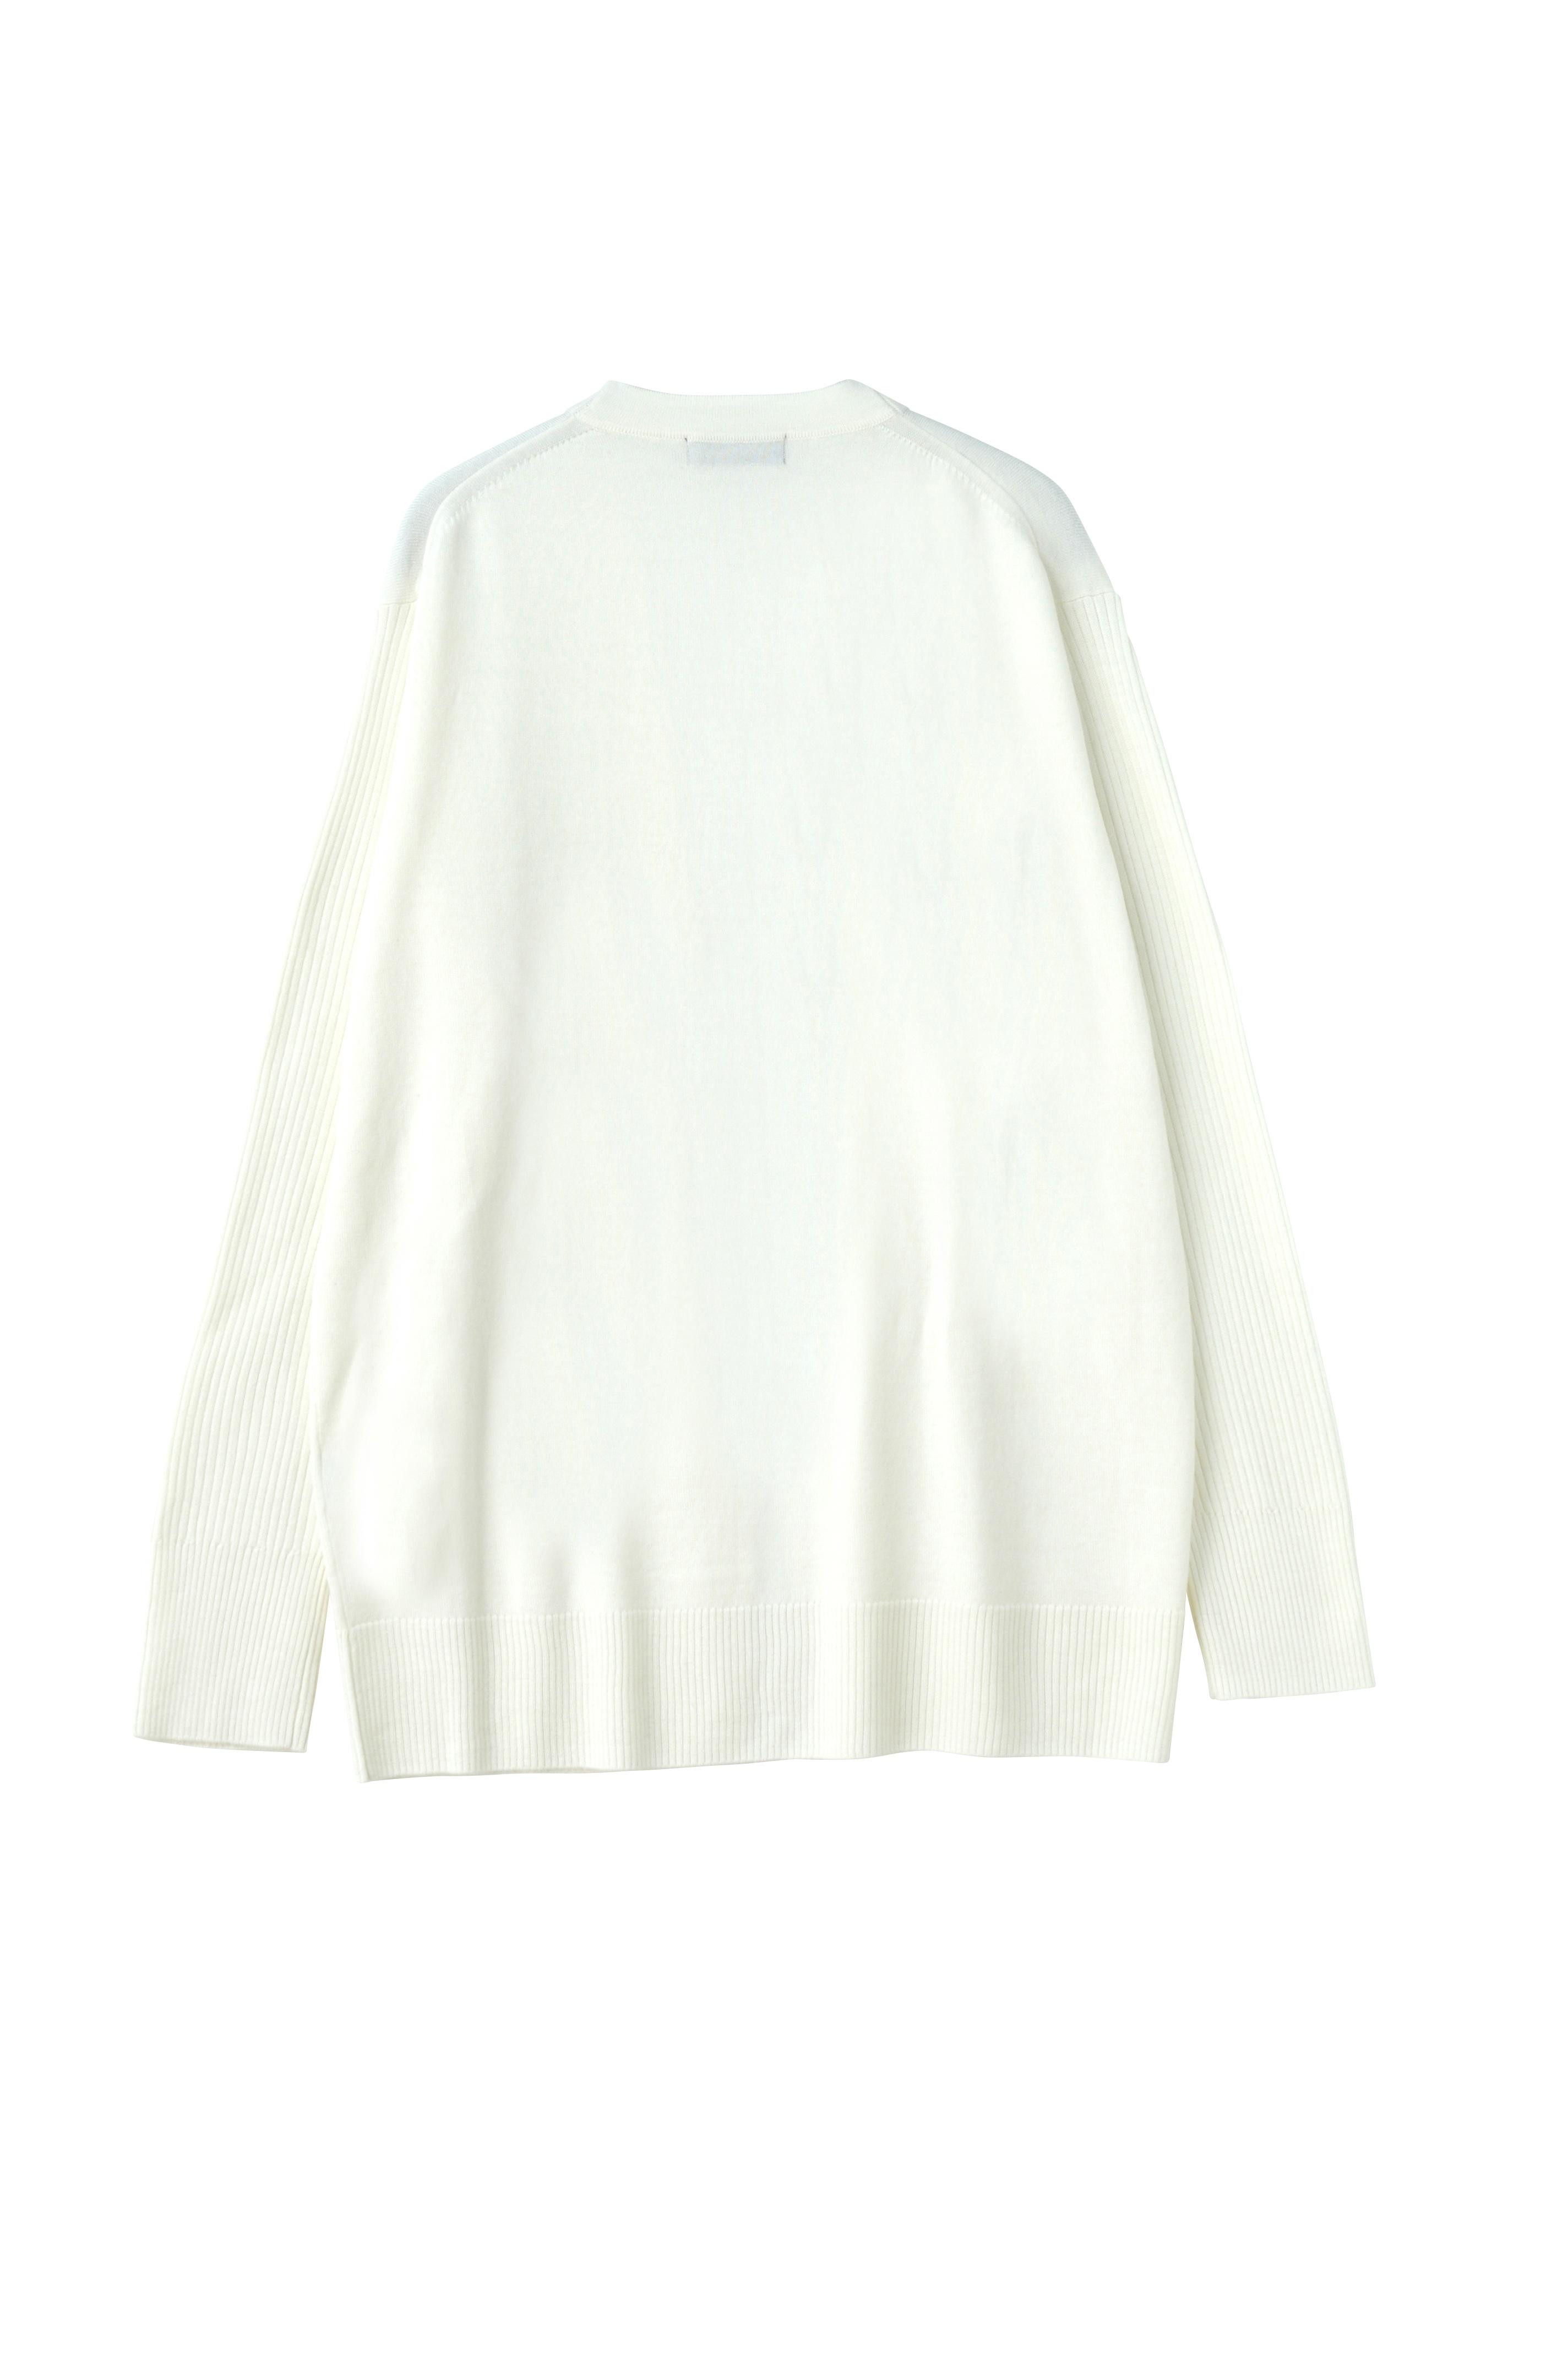 ZUCCa / S メンズ ウールリブセーター / 羽織り